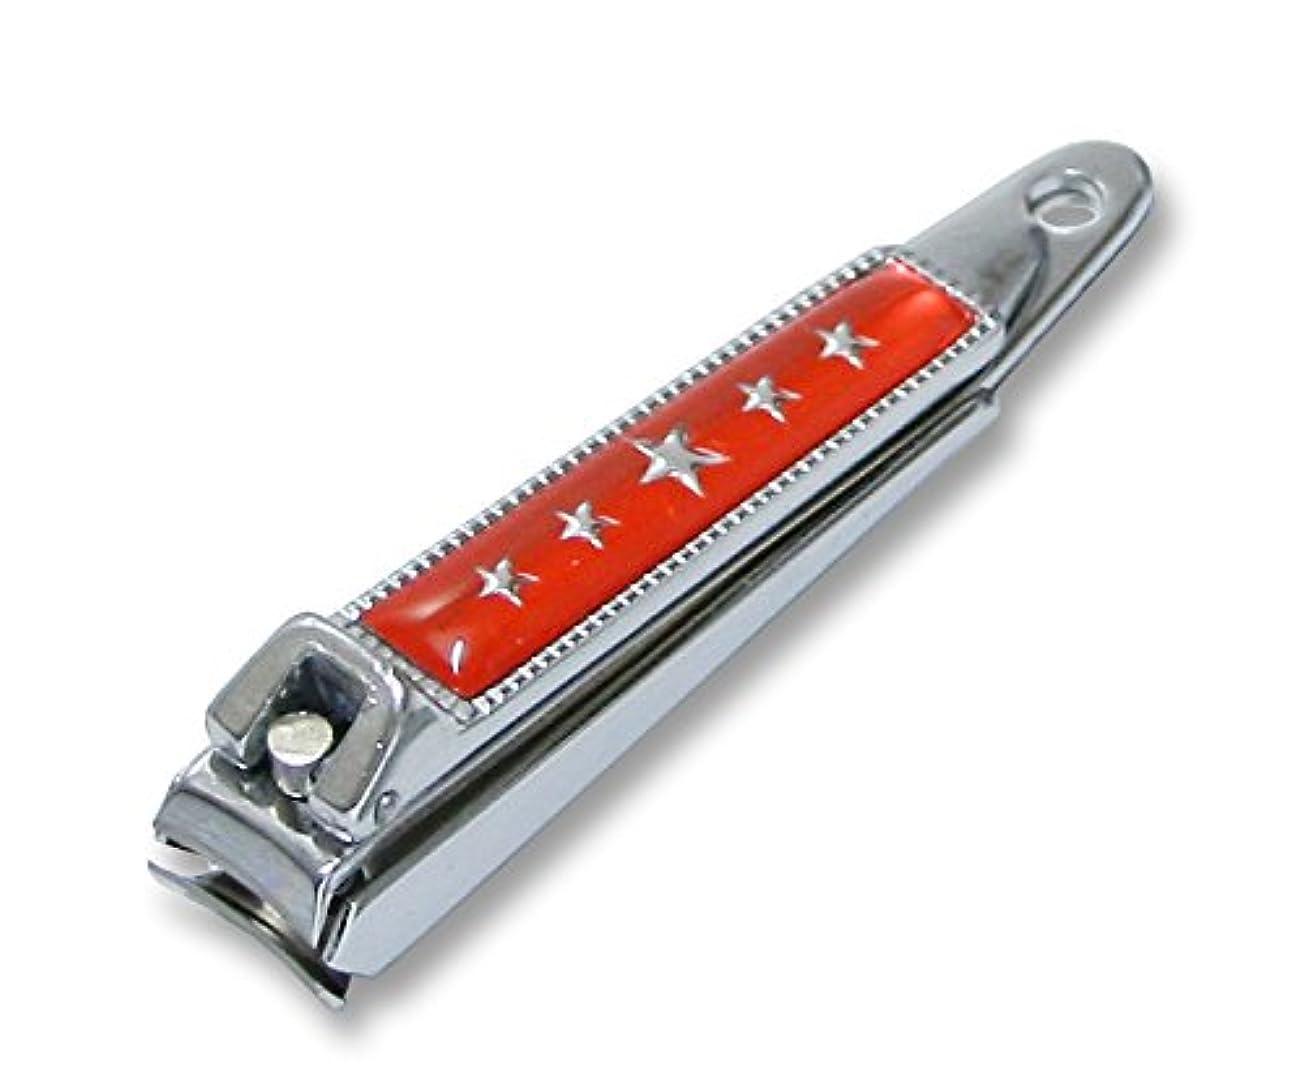 素朴な後世逆にKC-052RD 関の刃物 関兼常 チラーヌ爪切 小 赤